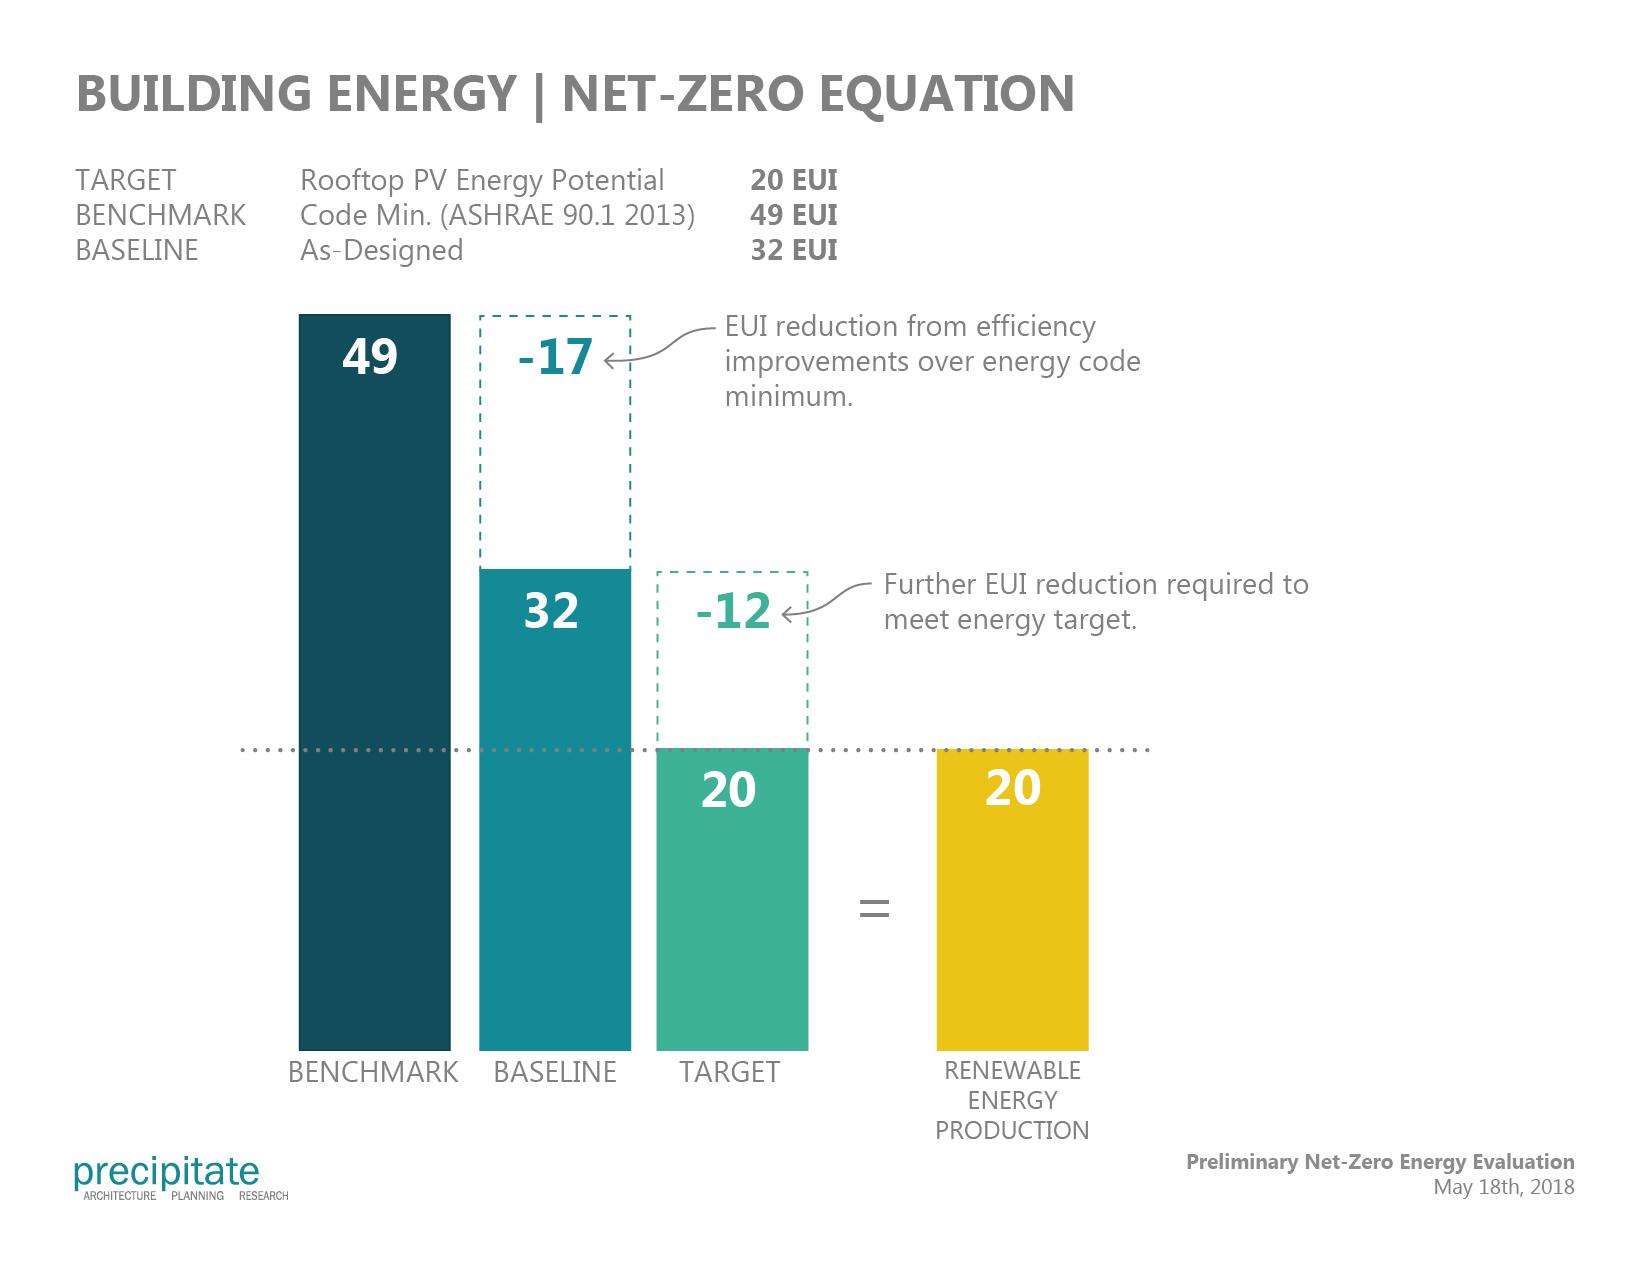 Net-Zero Energy Equation